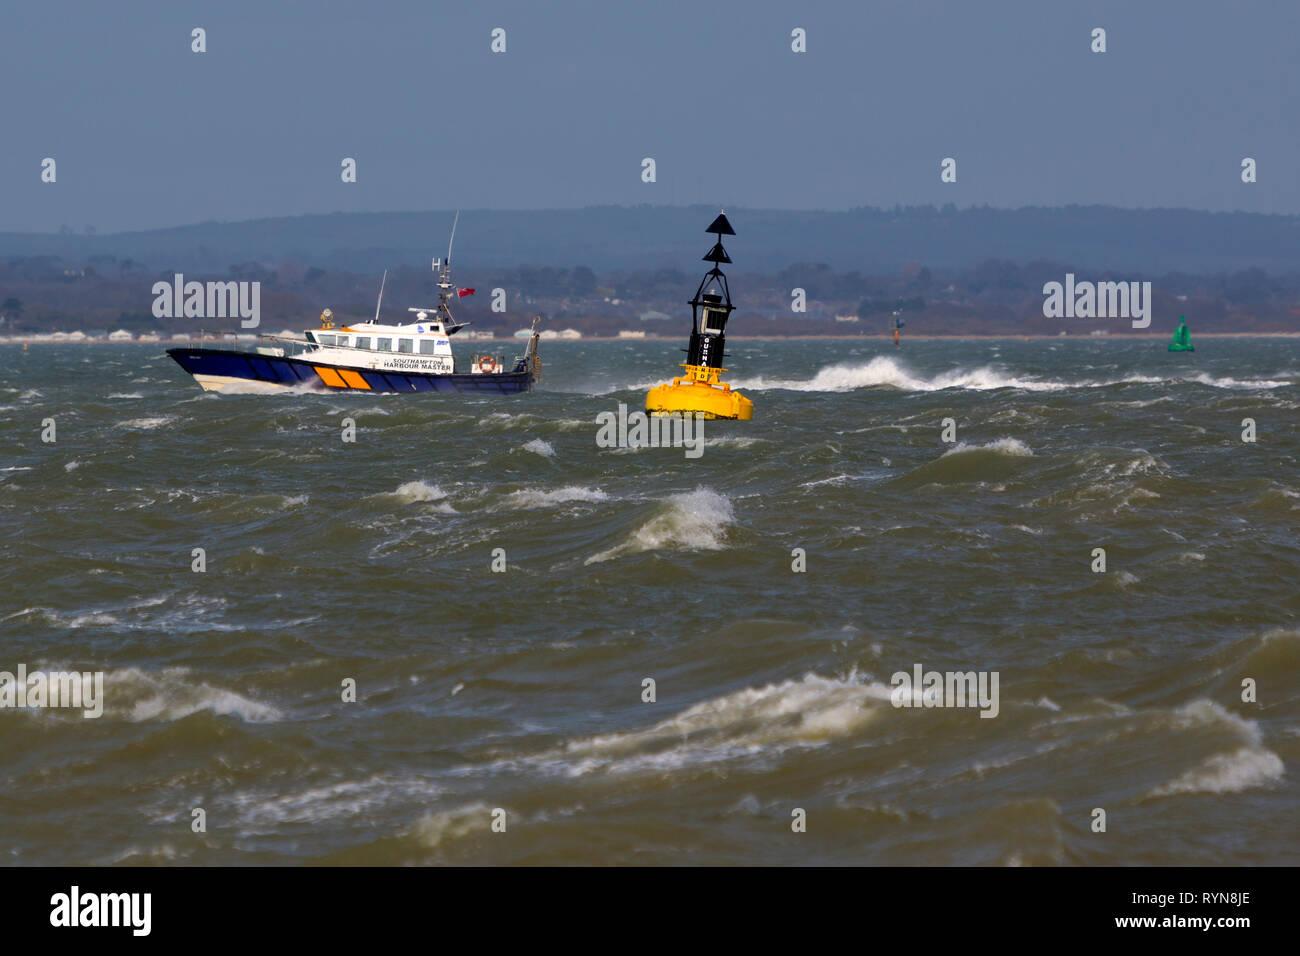 Southampton,Capitaneria di Porto, lanciare,porto,patrol,barca,servizio,piloti,escort,sicurezza,competente,navigazione,canali,l'Solent,Isle of Wight,Hampshire Immagini Stock